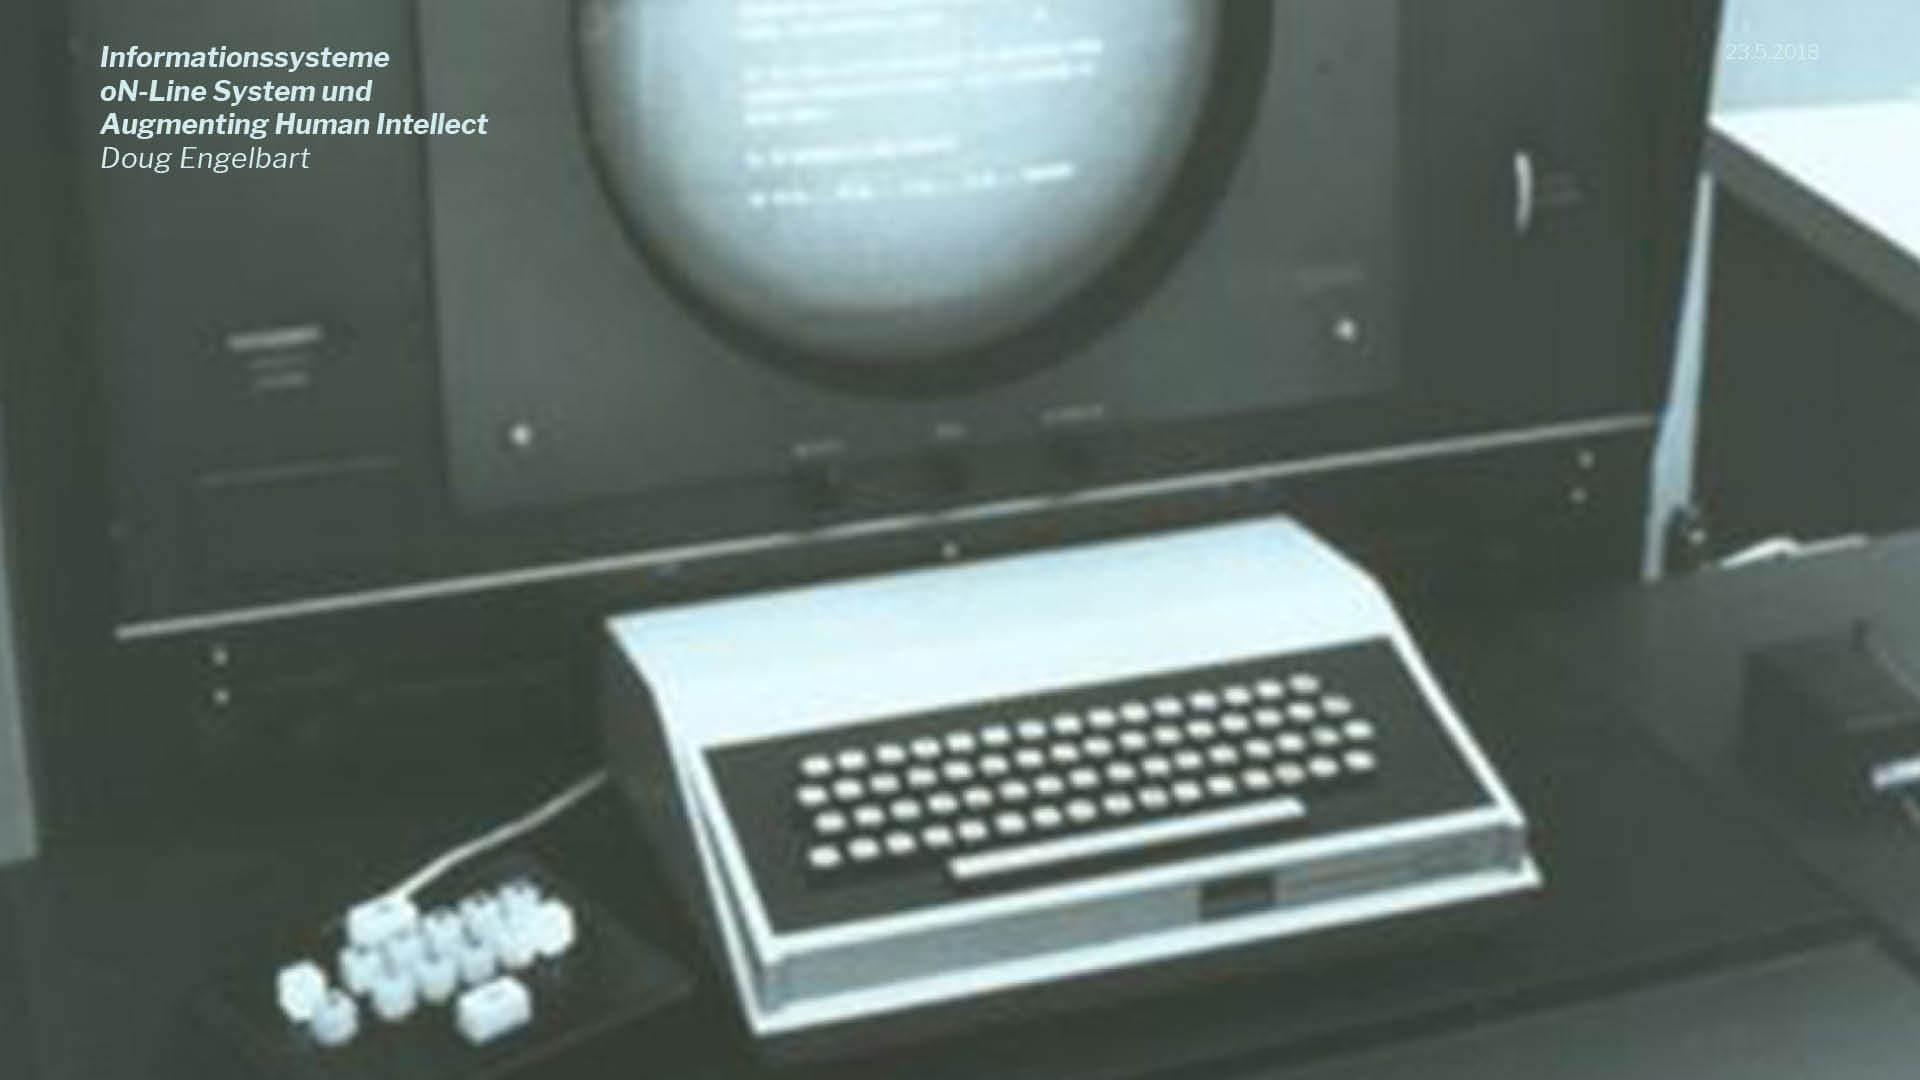 Präsentation | Beispielhaft für theoretische Inhalte: Doug Engelbart